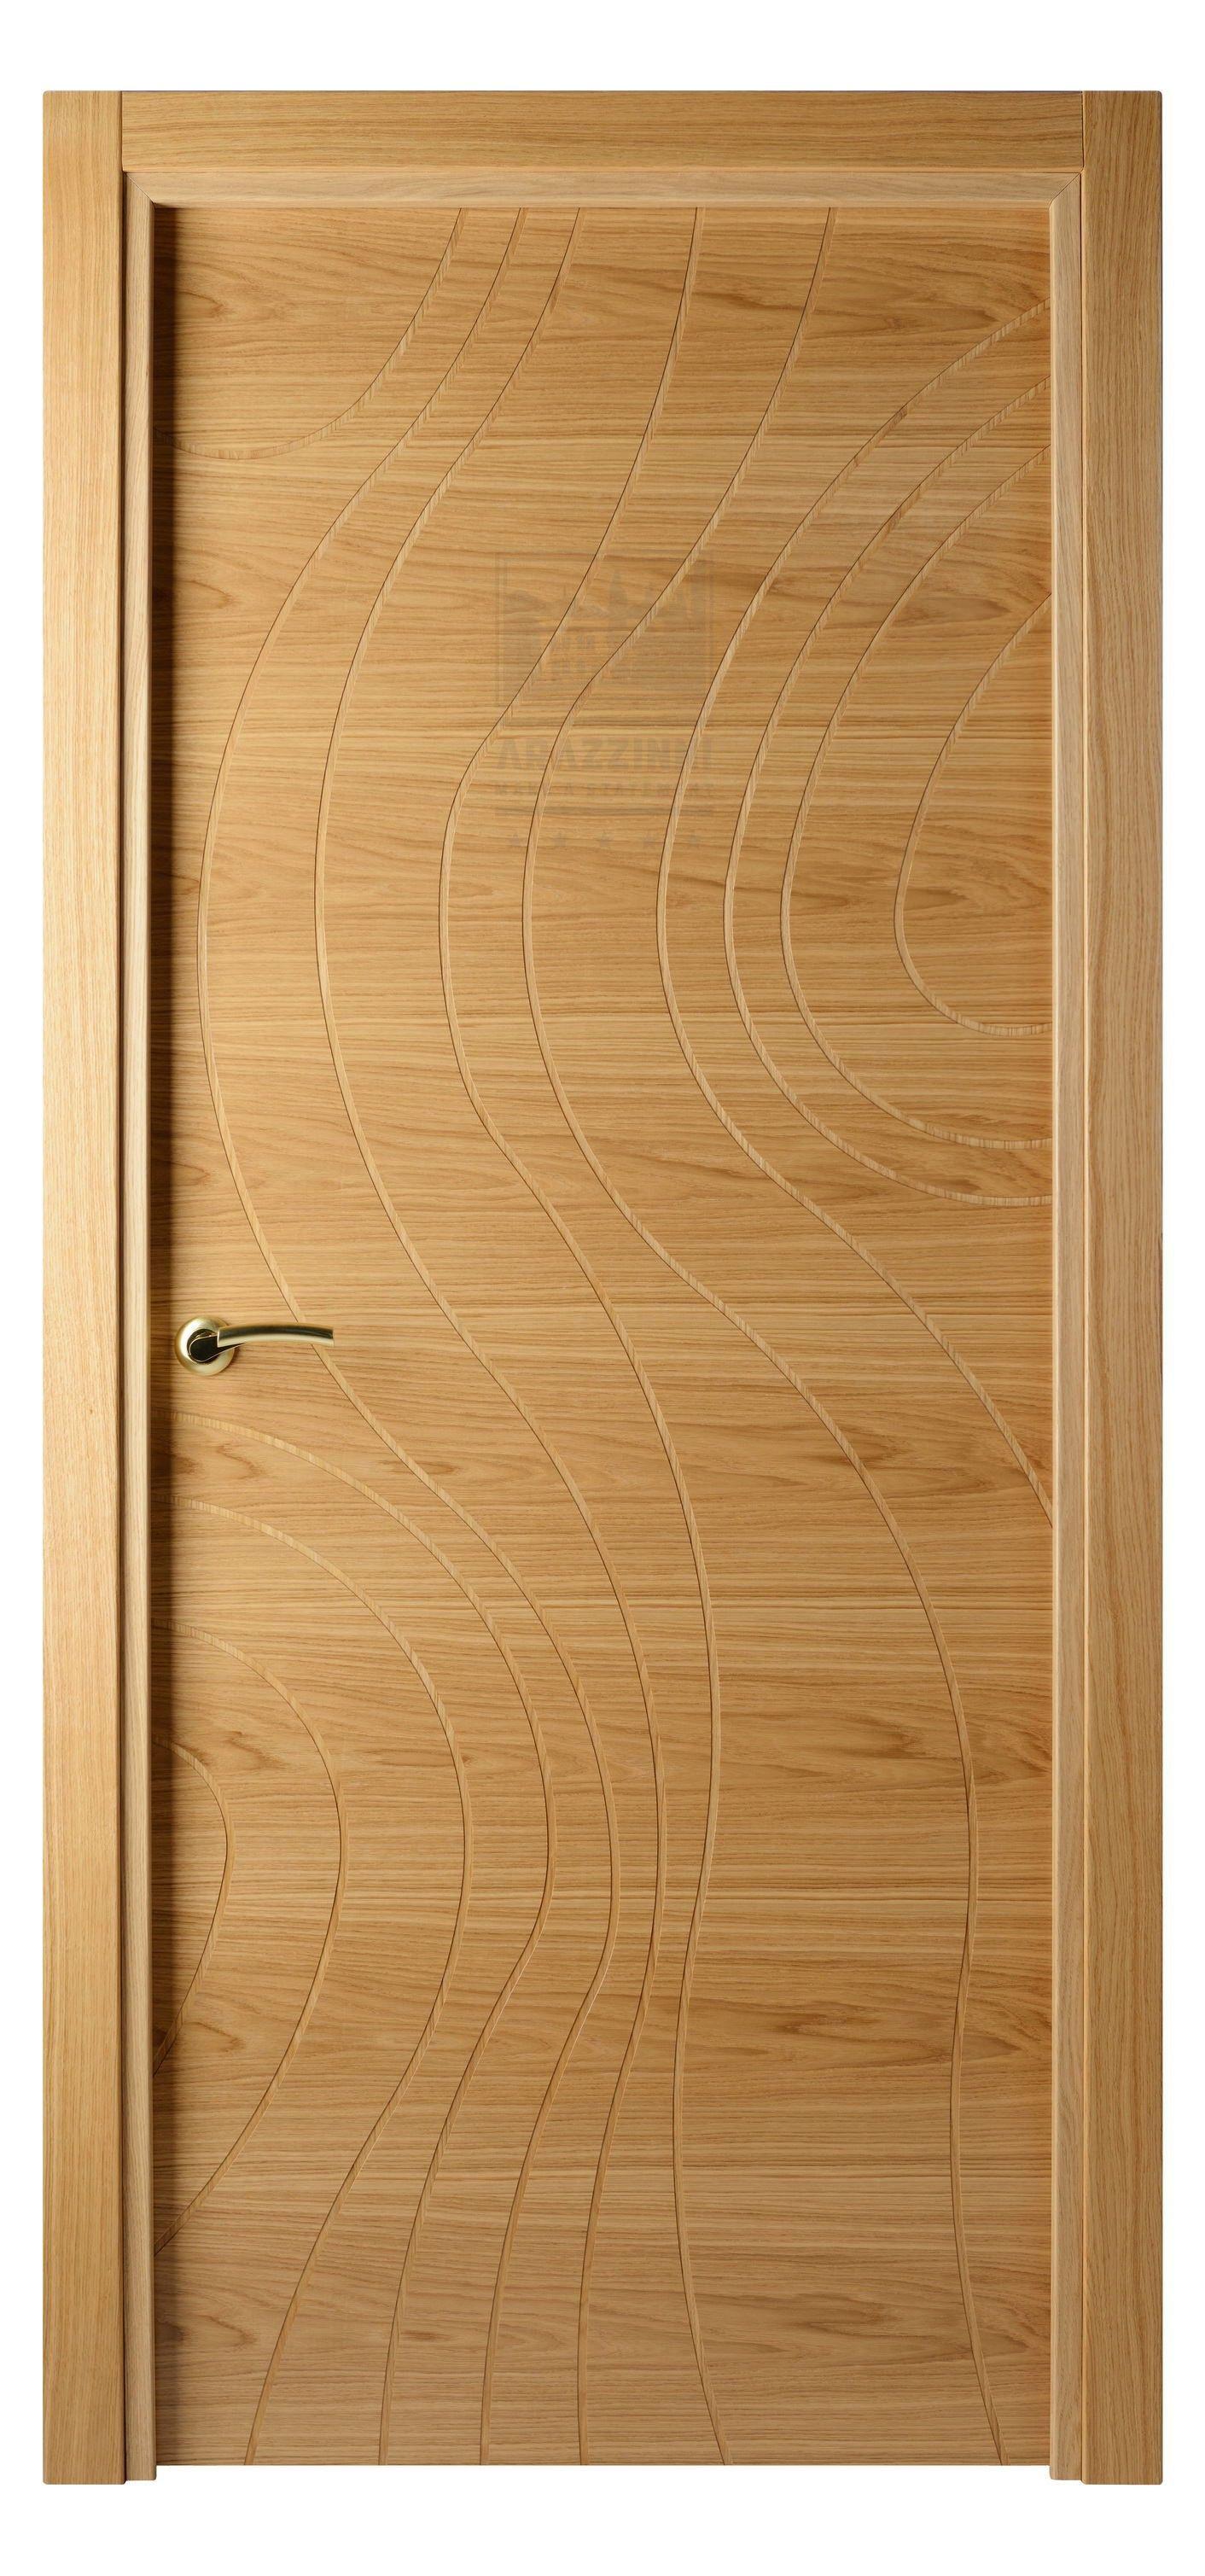 Natural Veneered Wooden Flush Door Design Mdf Living Room: Arazzinni Piega Interior Door Oak (With Images)